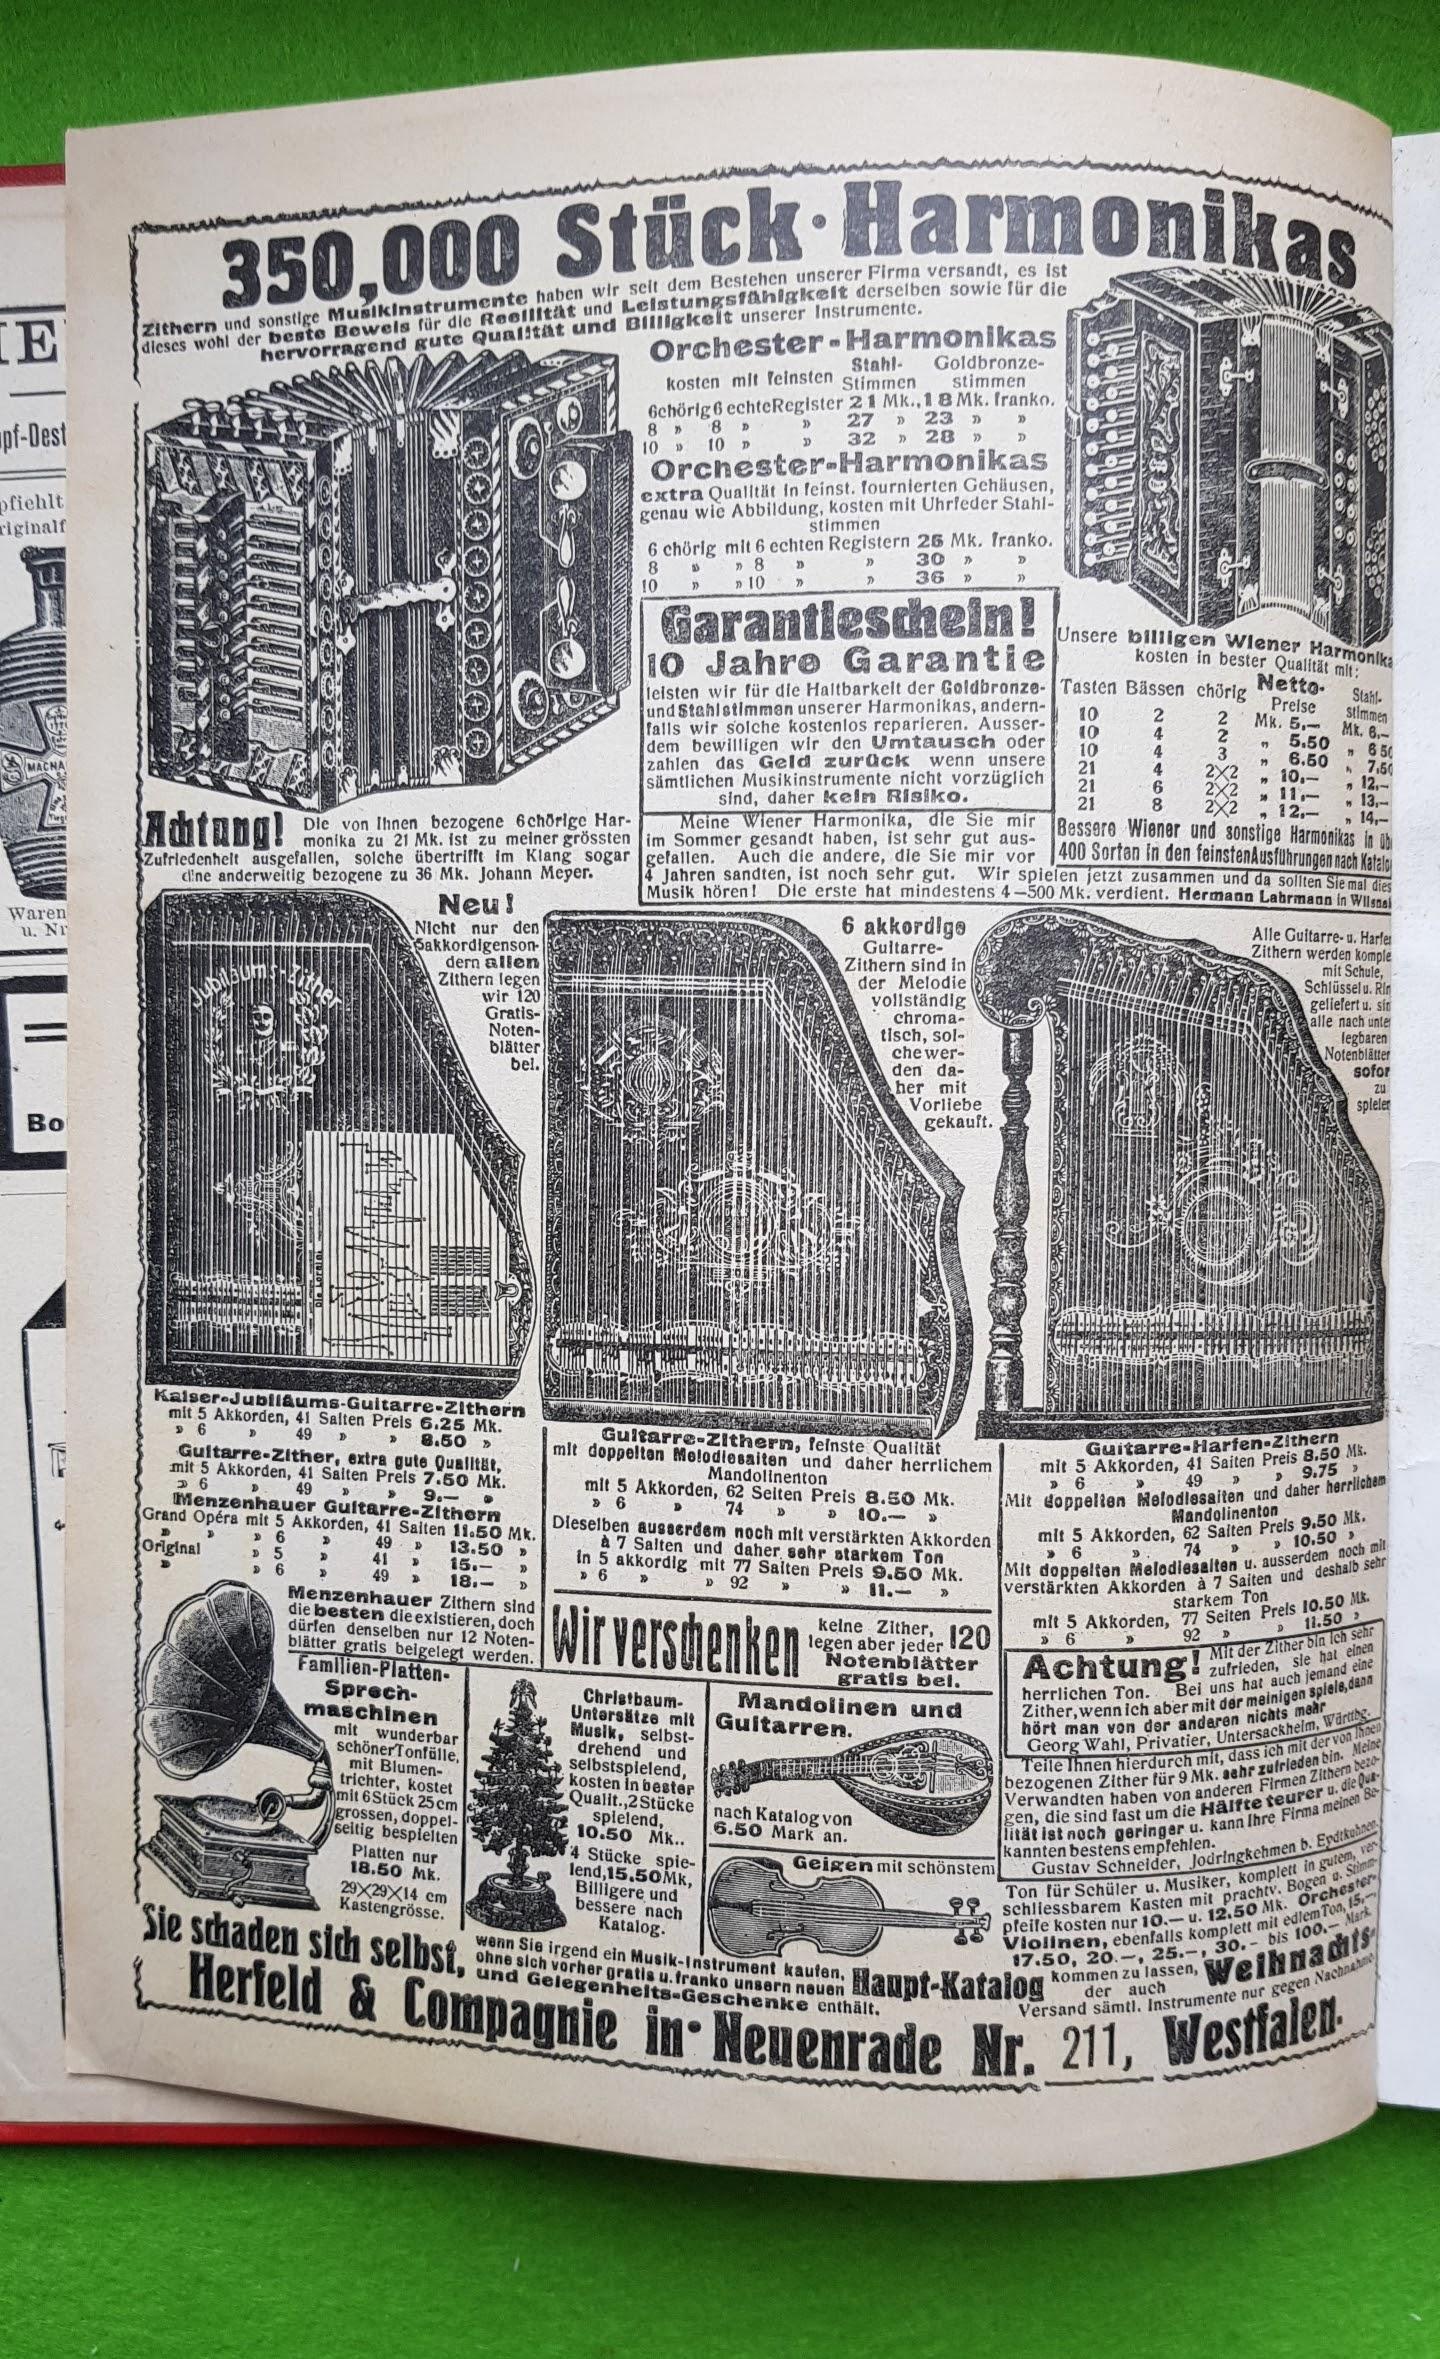 Großer Volkskalender des Lahrer hinkenden Boten - 1914 - Werbung Harmonikas